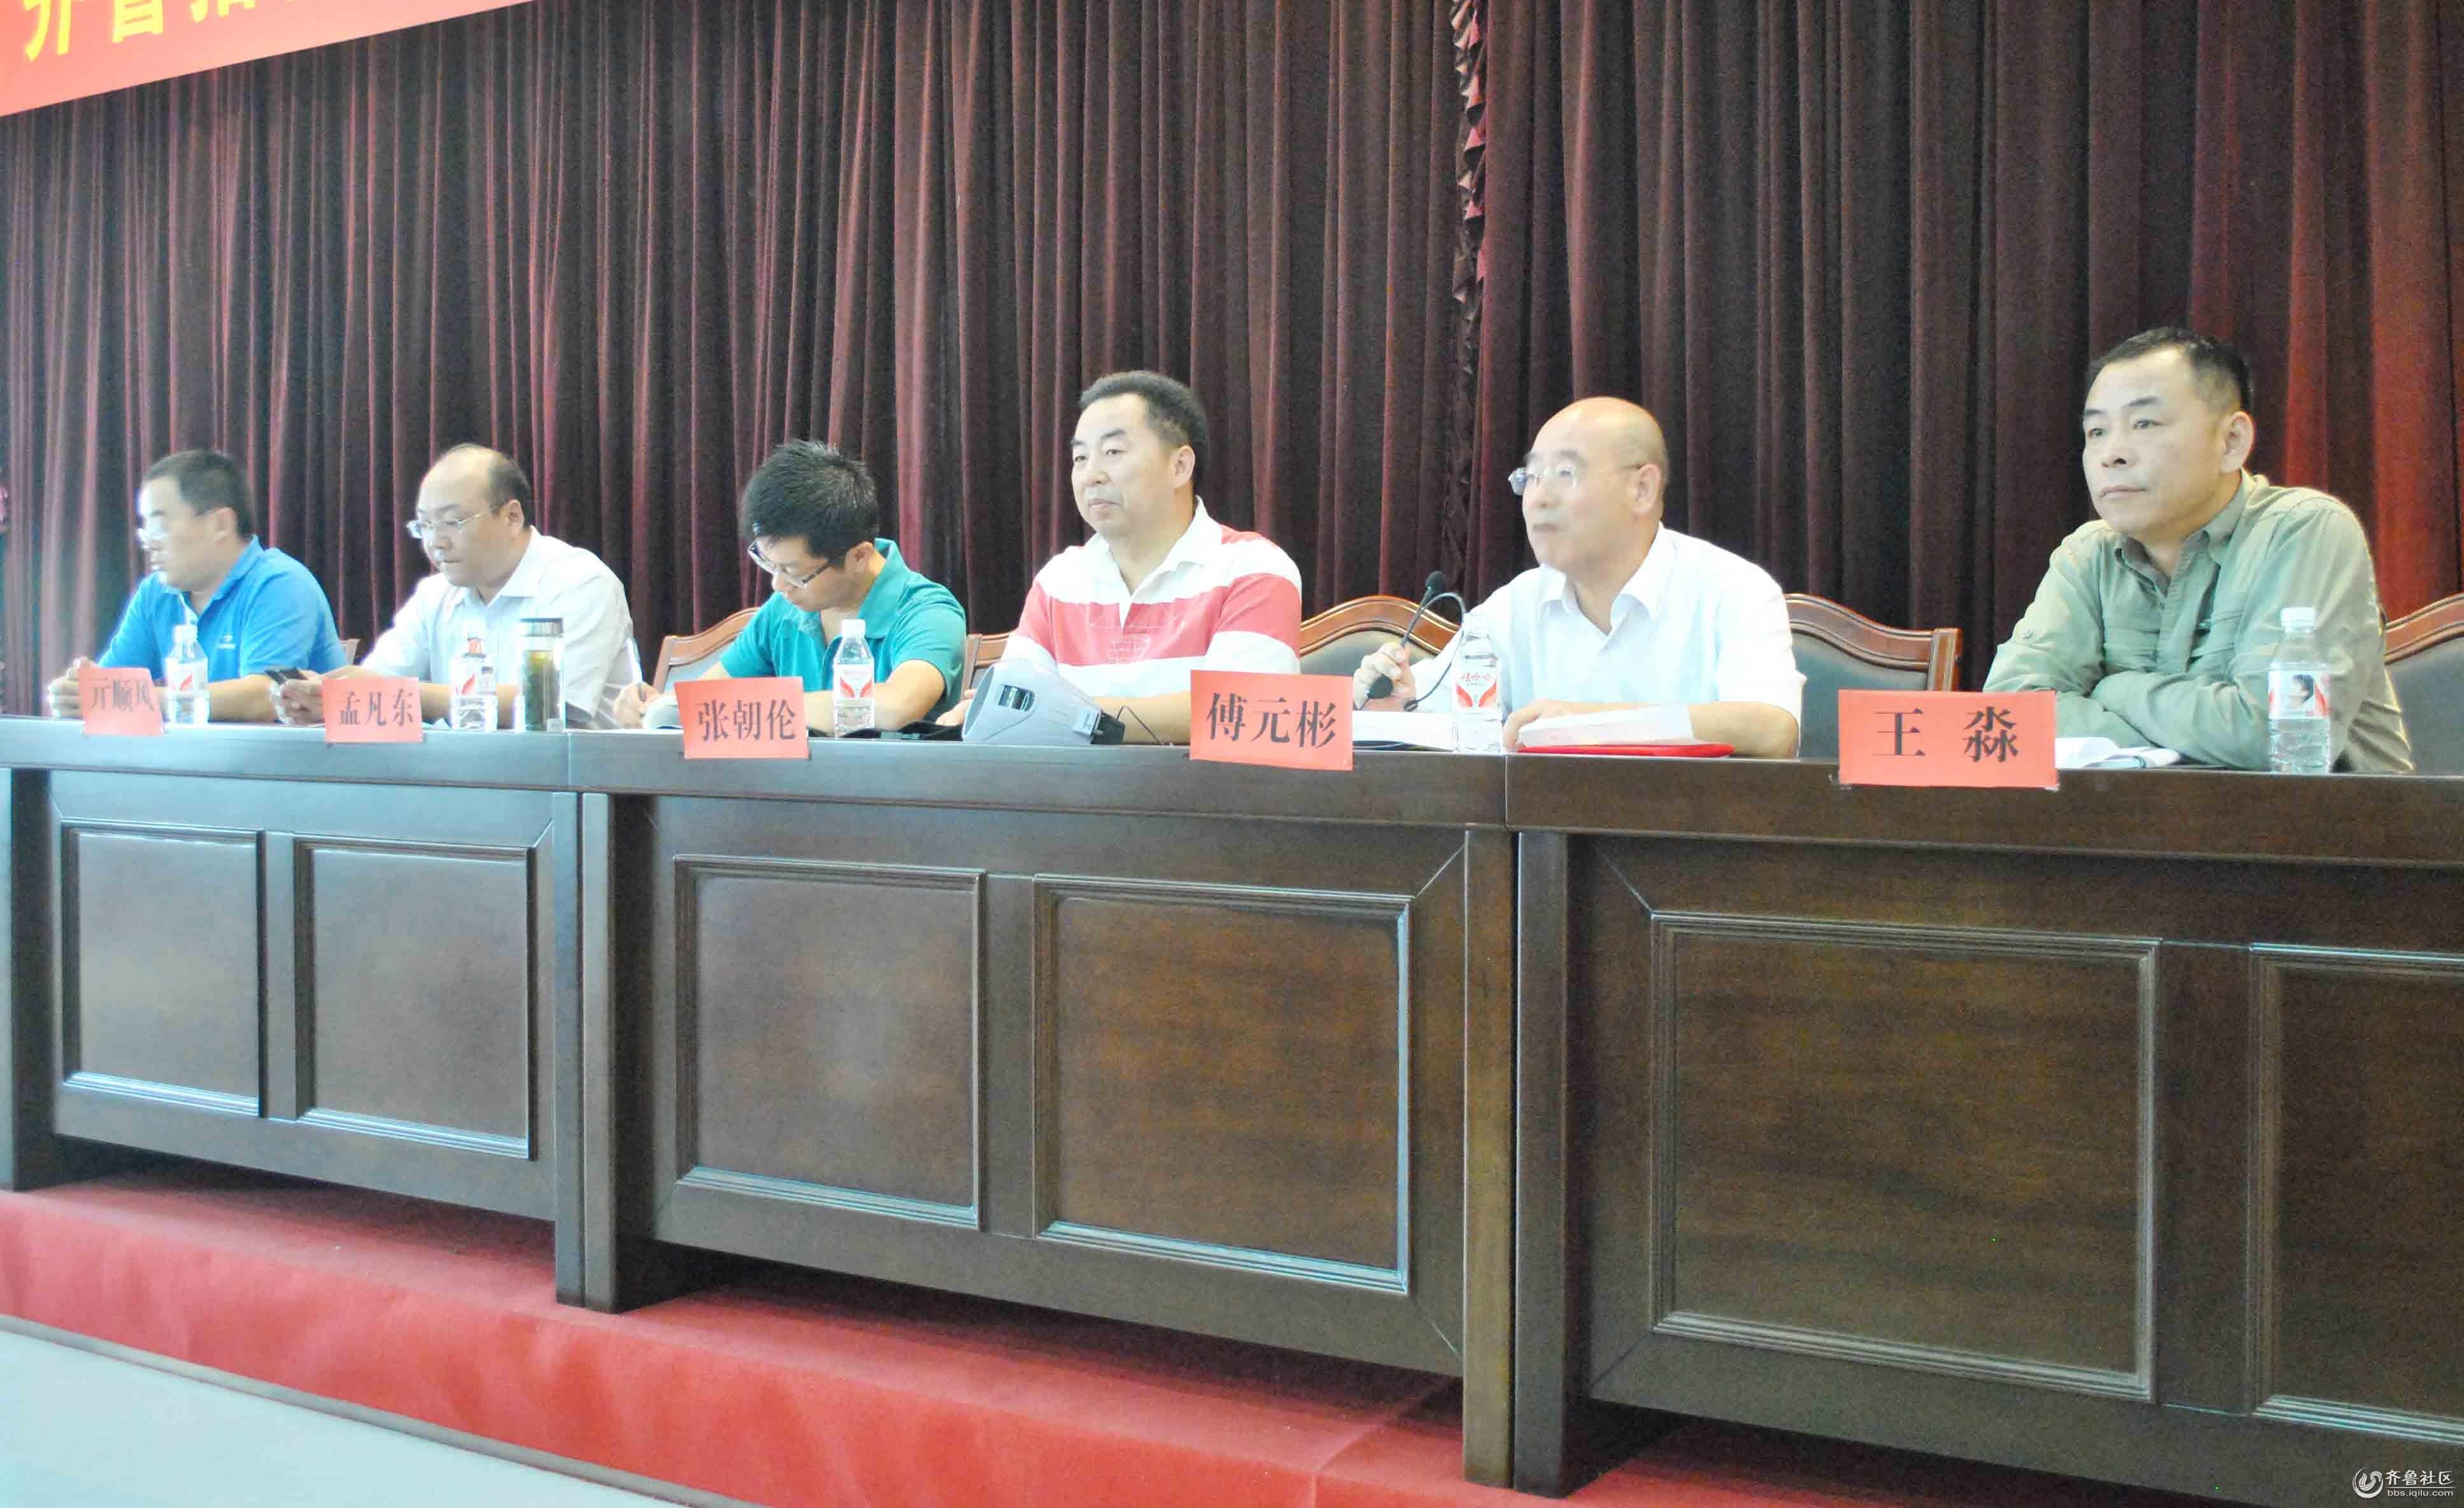 拍客团济宁站顾问聘任仪式及各区县团长座谈会圆满举行